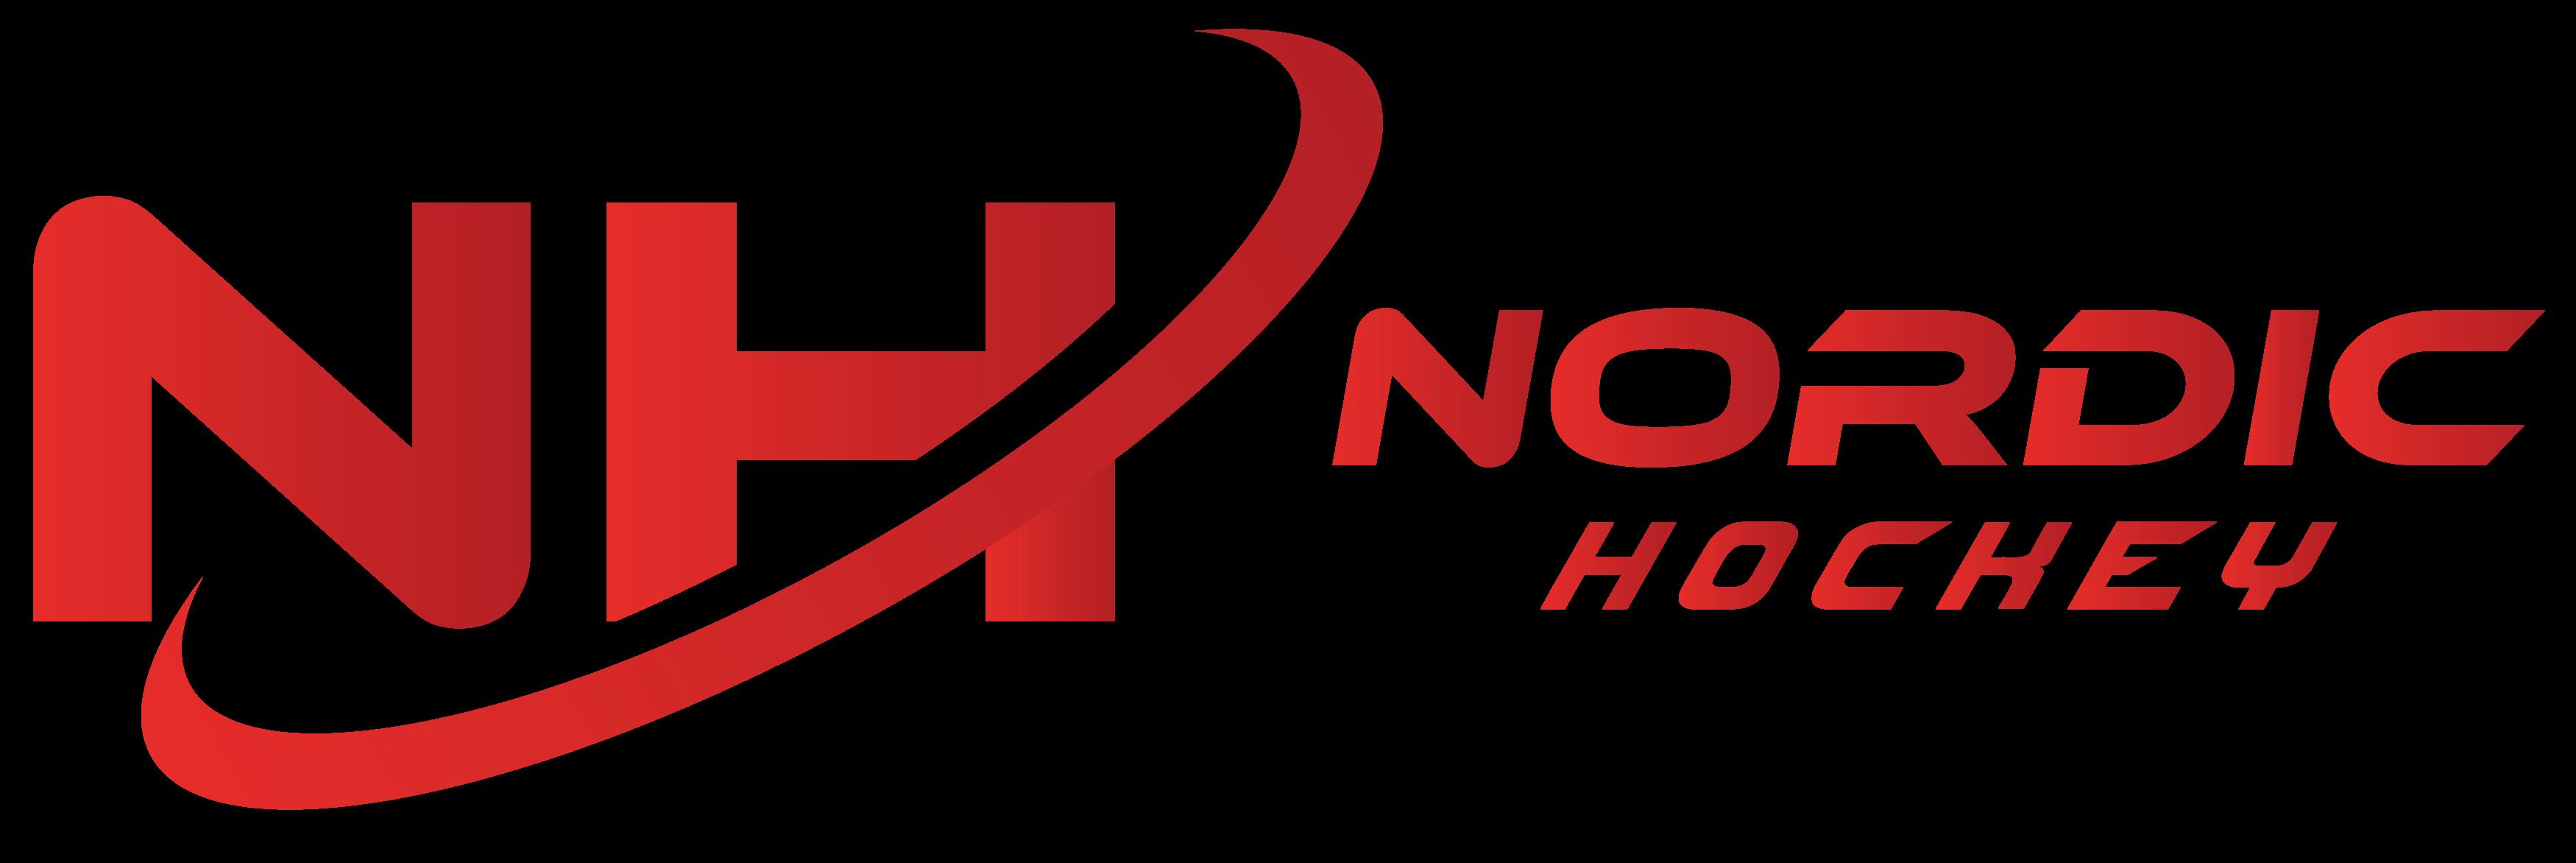 """Nordic Hockey – Nettbutikk for hockeyutstyr, forhandler av Massive Blade og """"BulldoZer by Skroder"""" hockeykøller"""